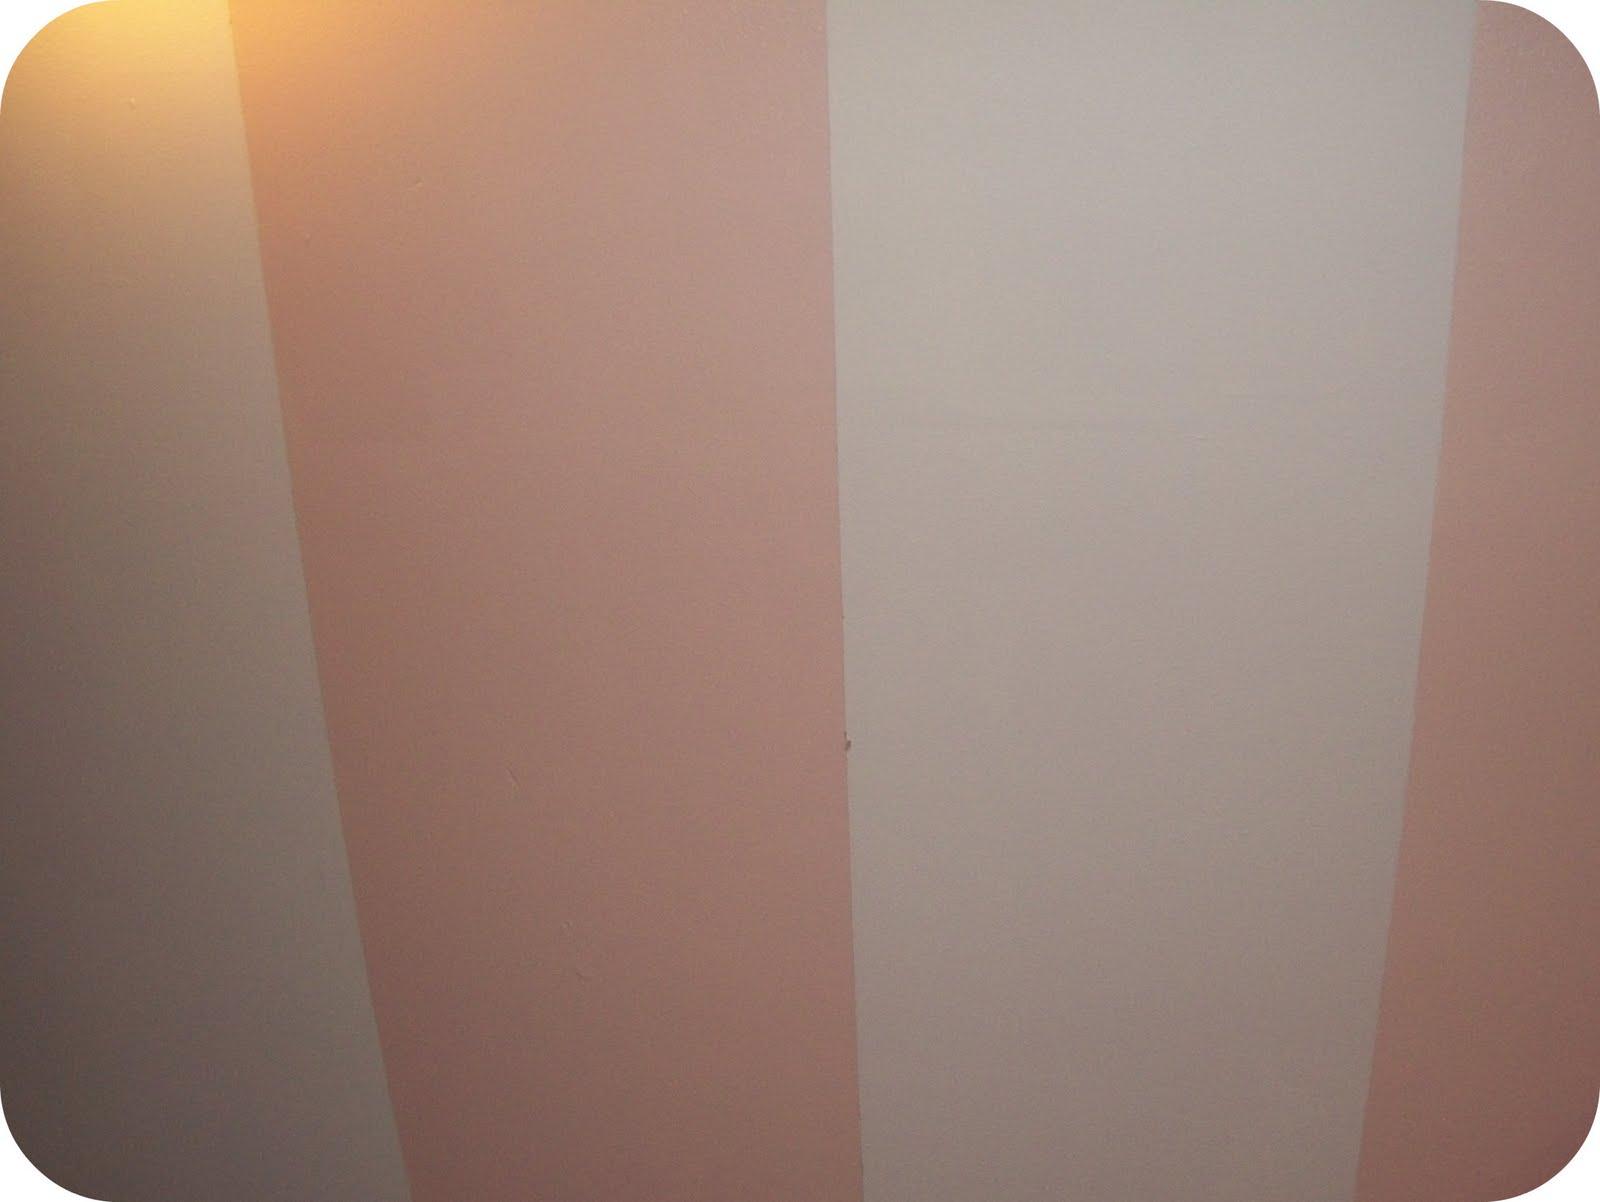 http://3.bp.blogspot.com/_yOQKLnVLCLQ/THRyKtcmQ6I/AAAAAAAAAHE/vsSAmCvPvfQ/s1600/ceiling.jpg